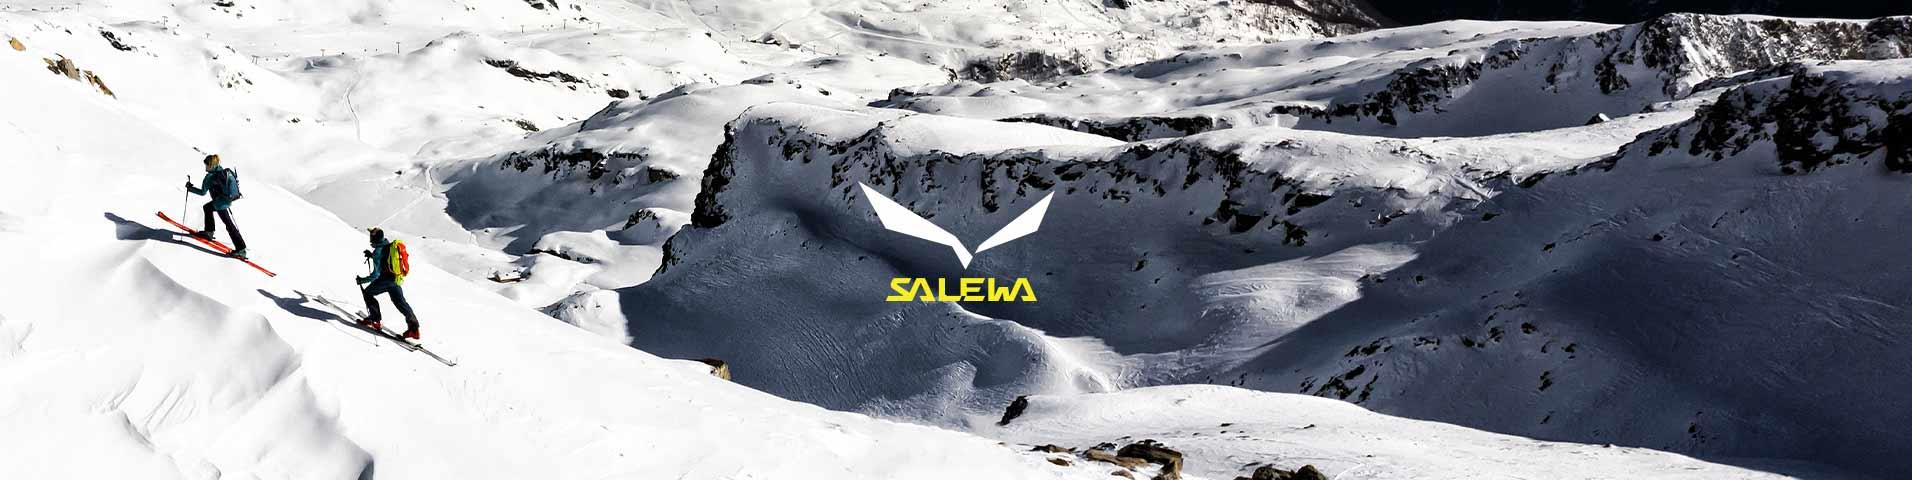 Blå Salewa Sko på nett | | Kjøp nye sko på nett hos Zalando